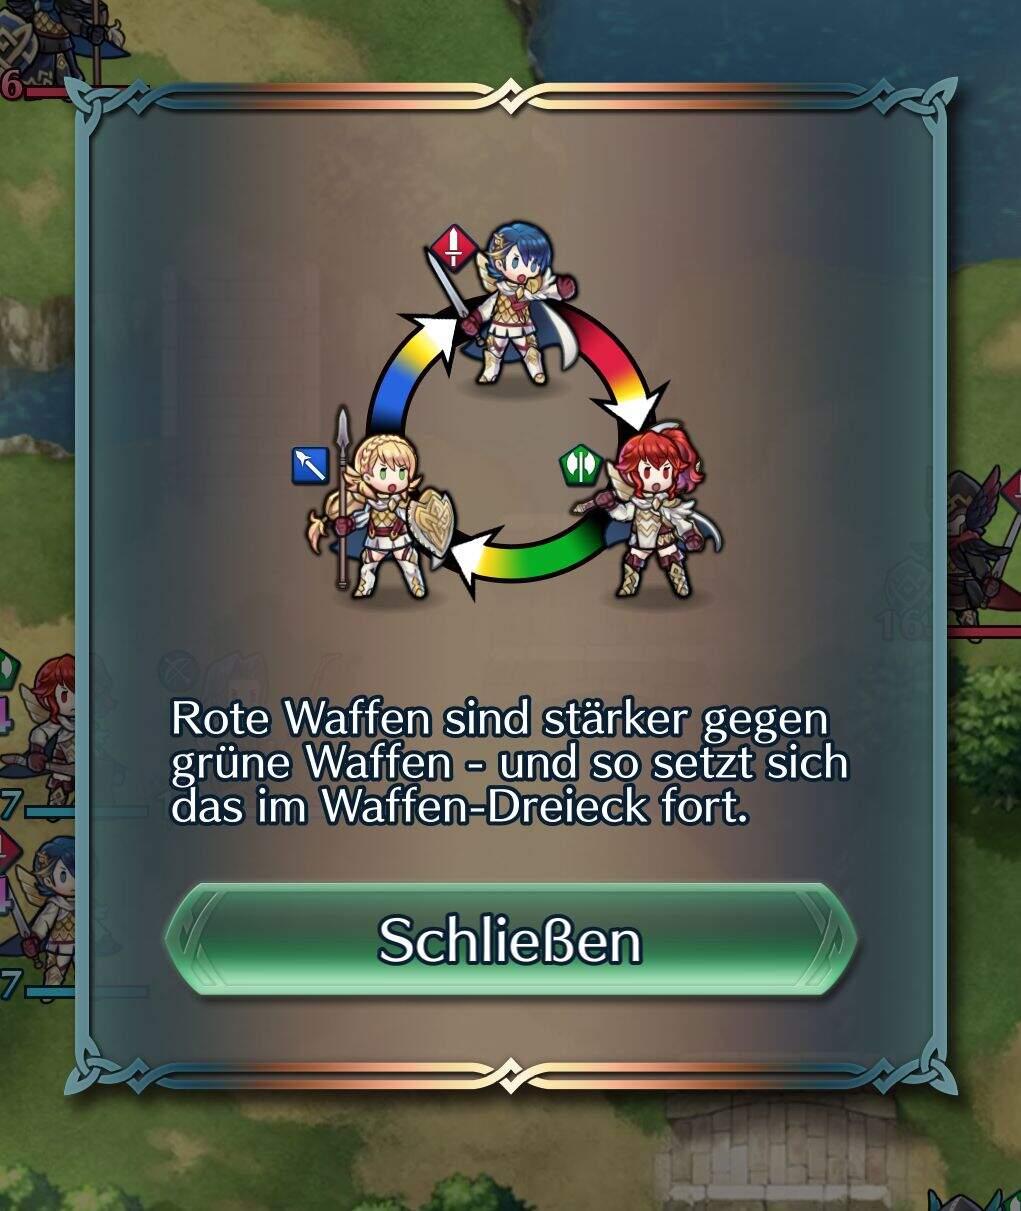 Fire Emblem Heroes Waffendreieck